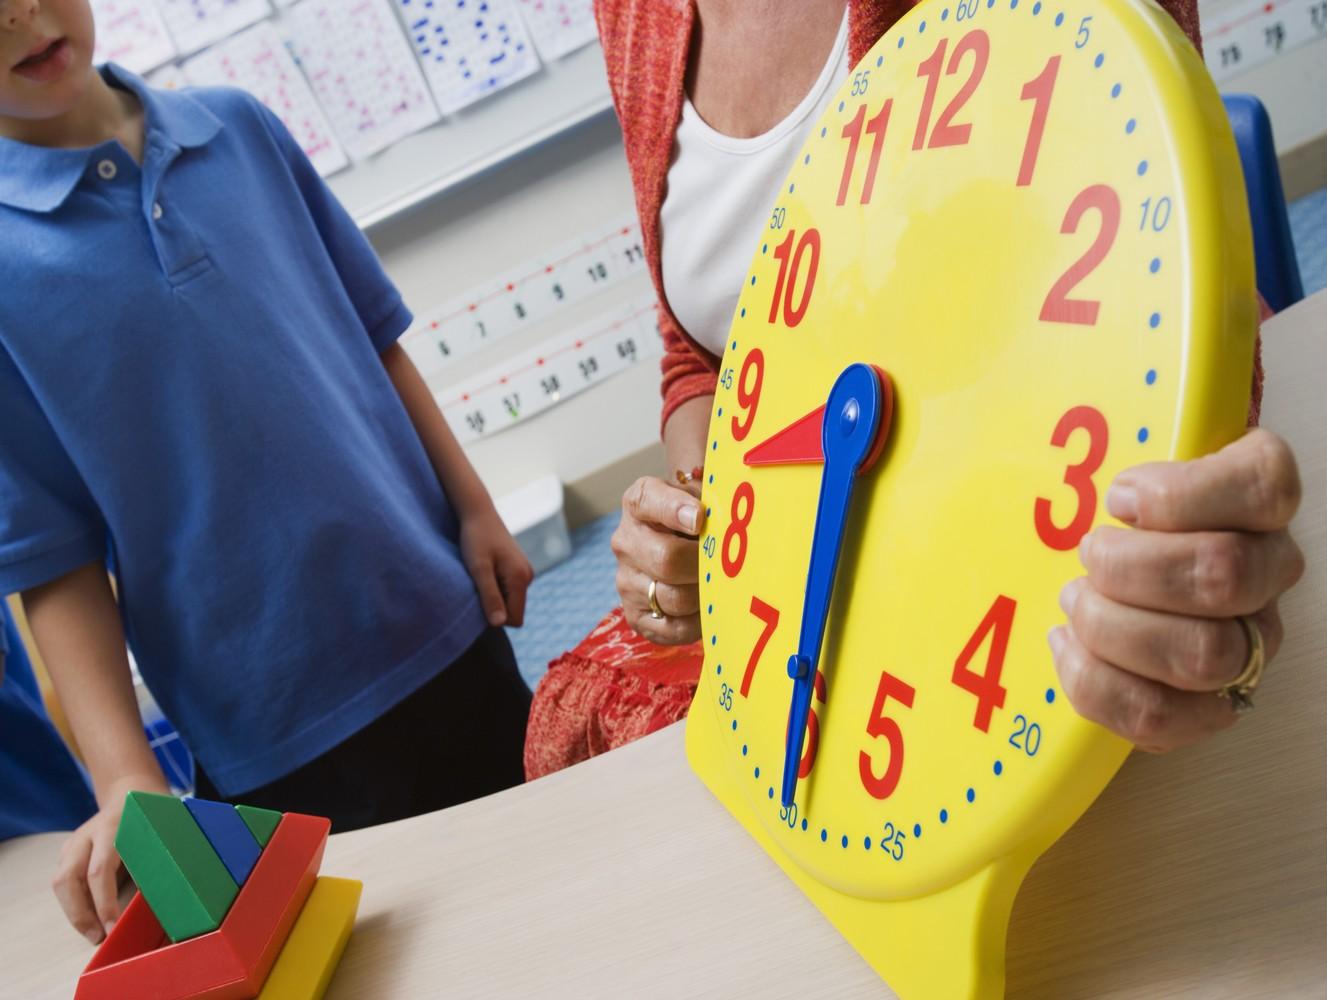 garde alternée allocation rentrée scolaire